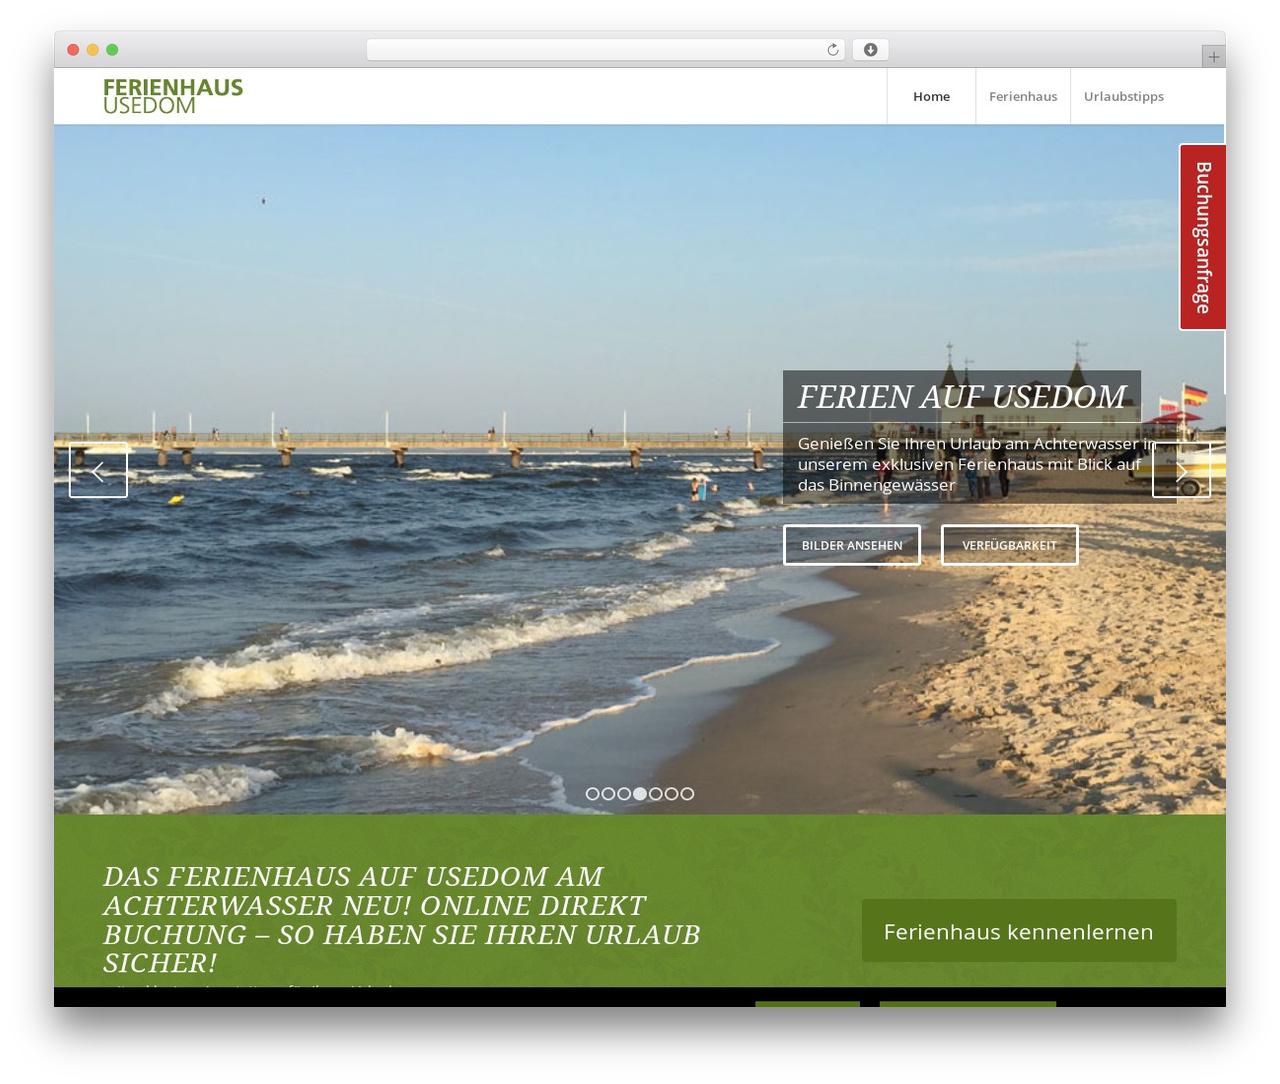 WordPress theme Enfold - ferienhaus-achterwasser-usedom.de